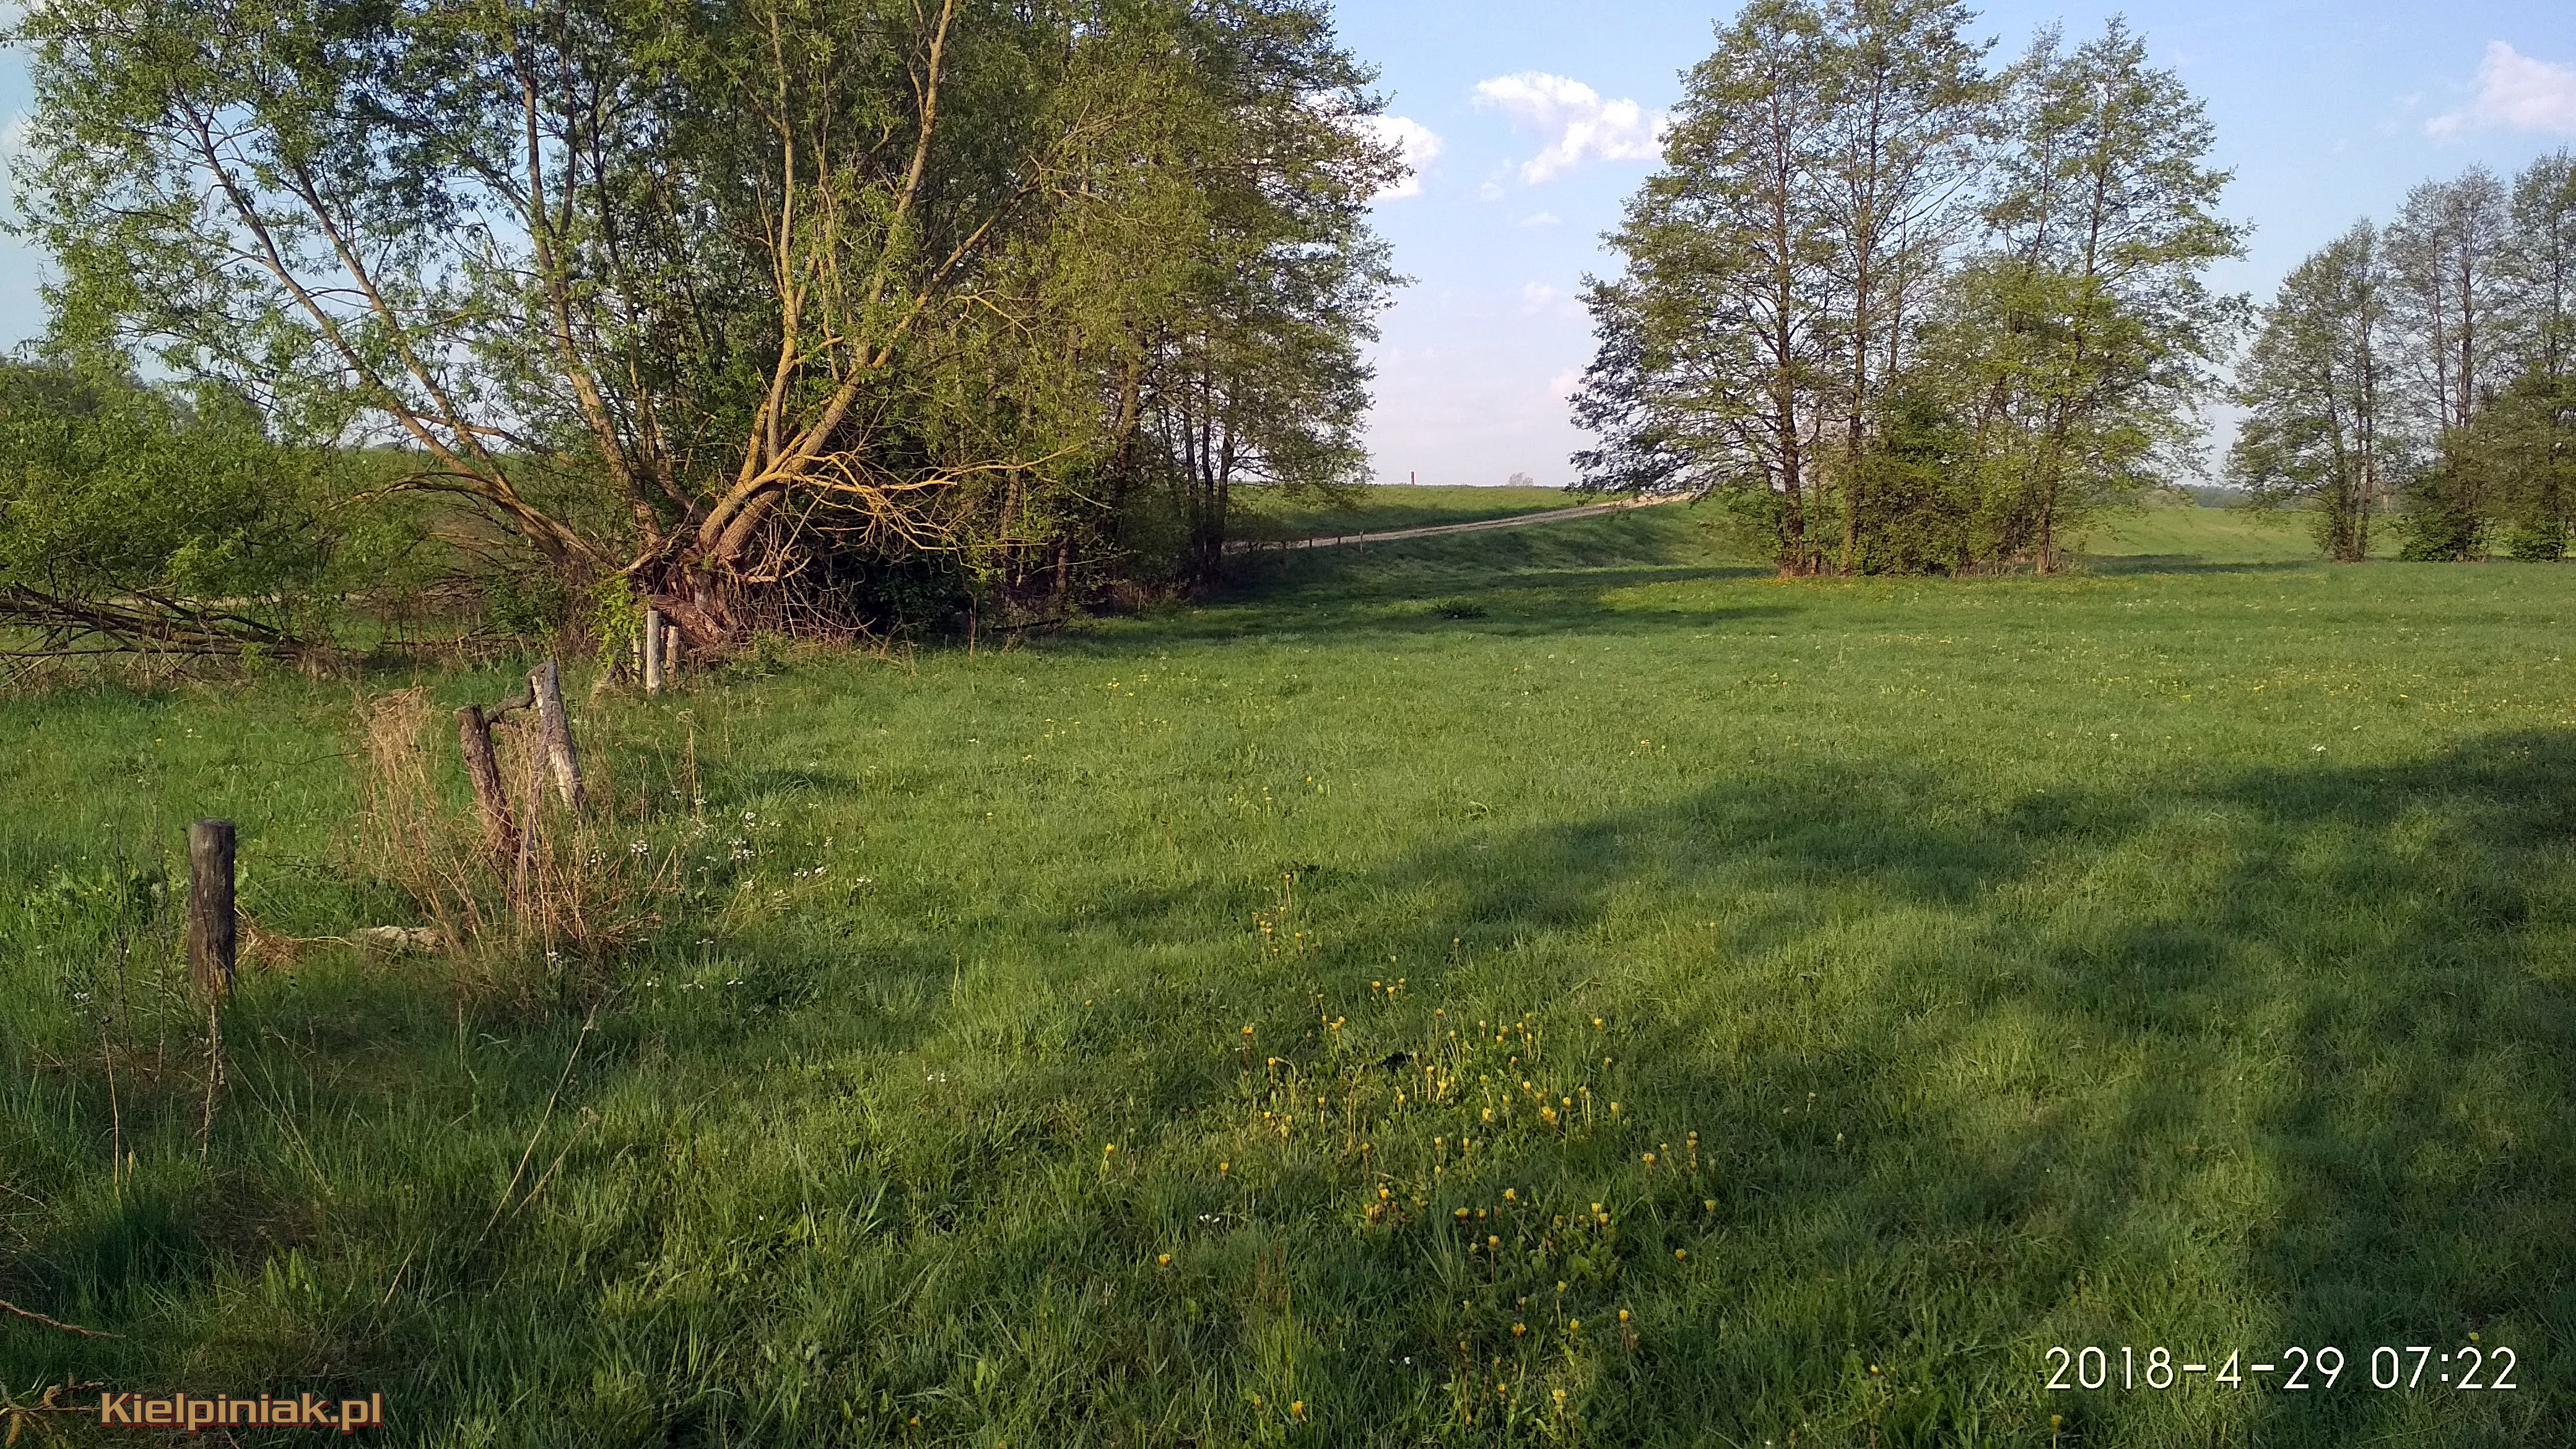 NPK Łąki przy drodze nur kiełpiniec 3